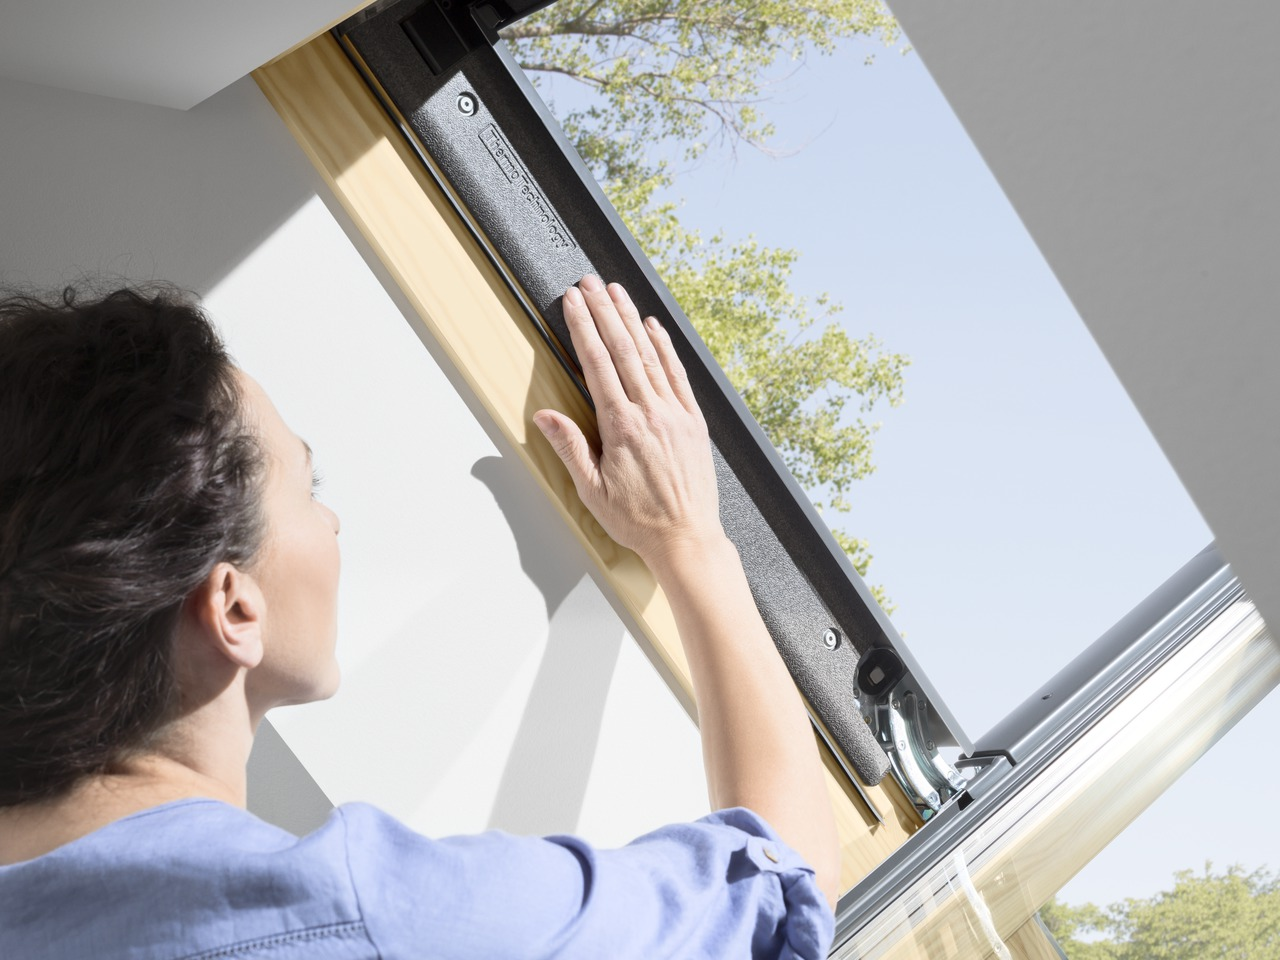 okna do poddaszy w ofercie Velux